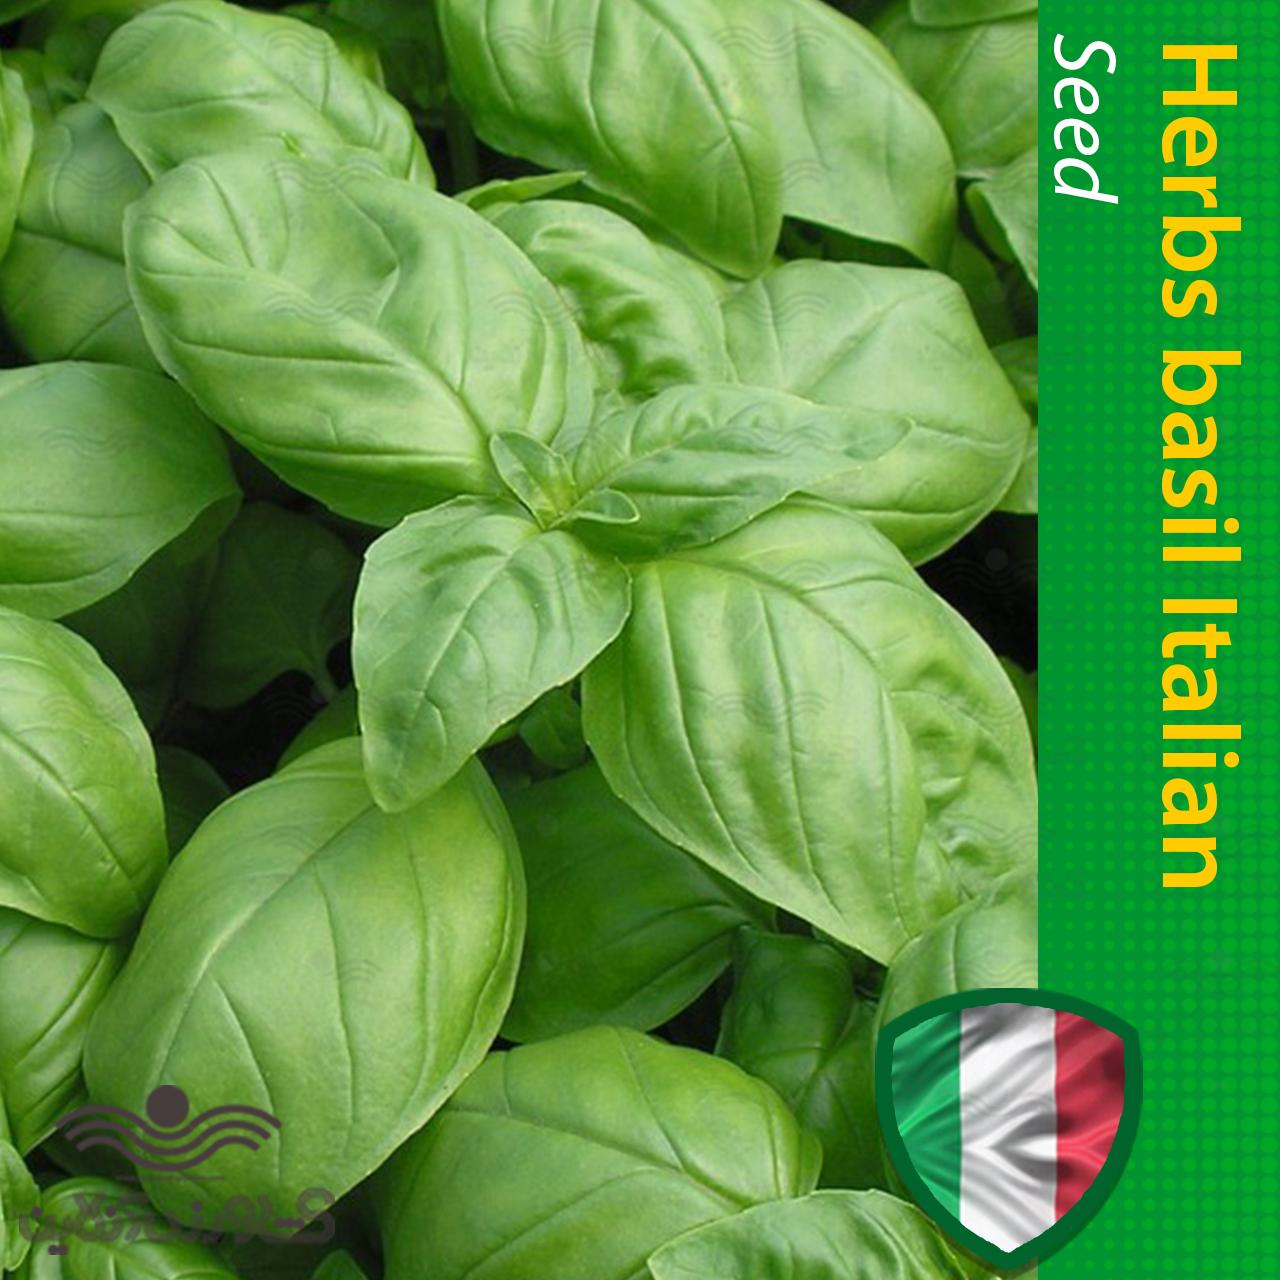 بذر ریحان ایتالیایی برگ بزرگ و روش کاشت ریحان